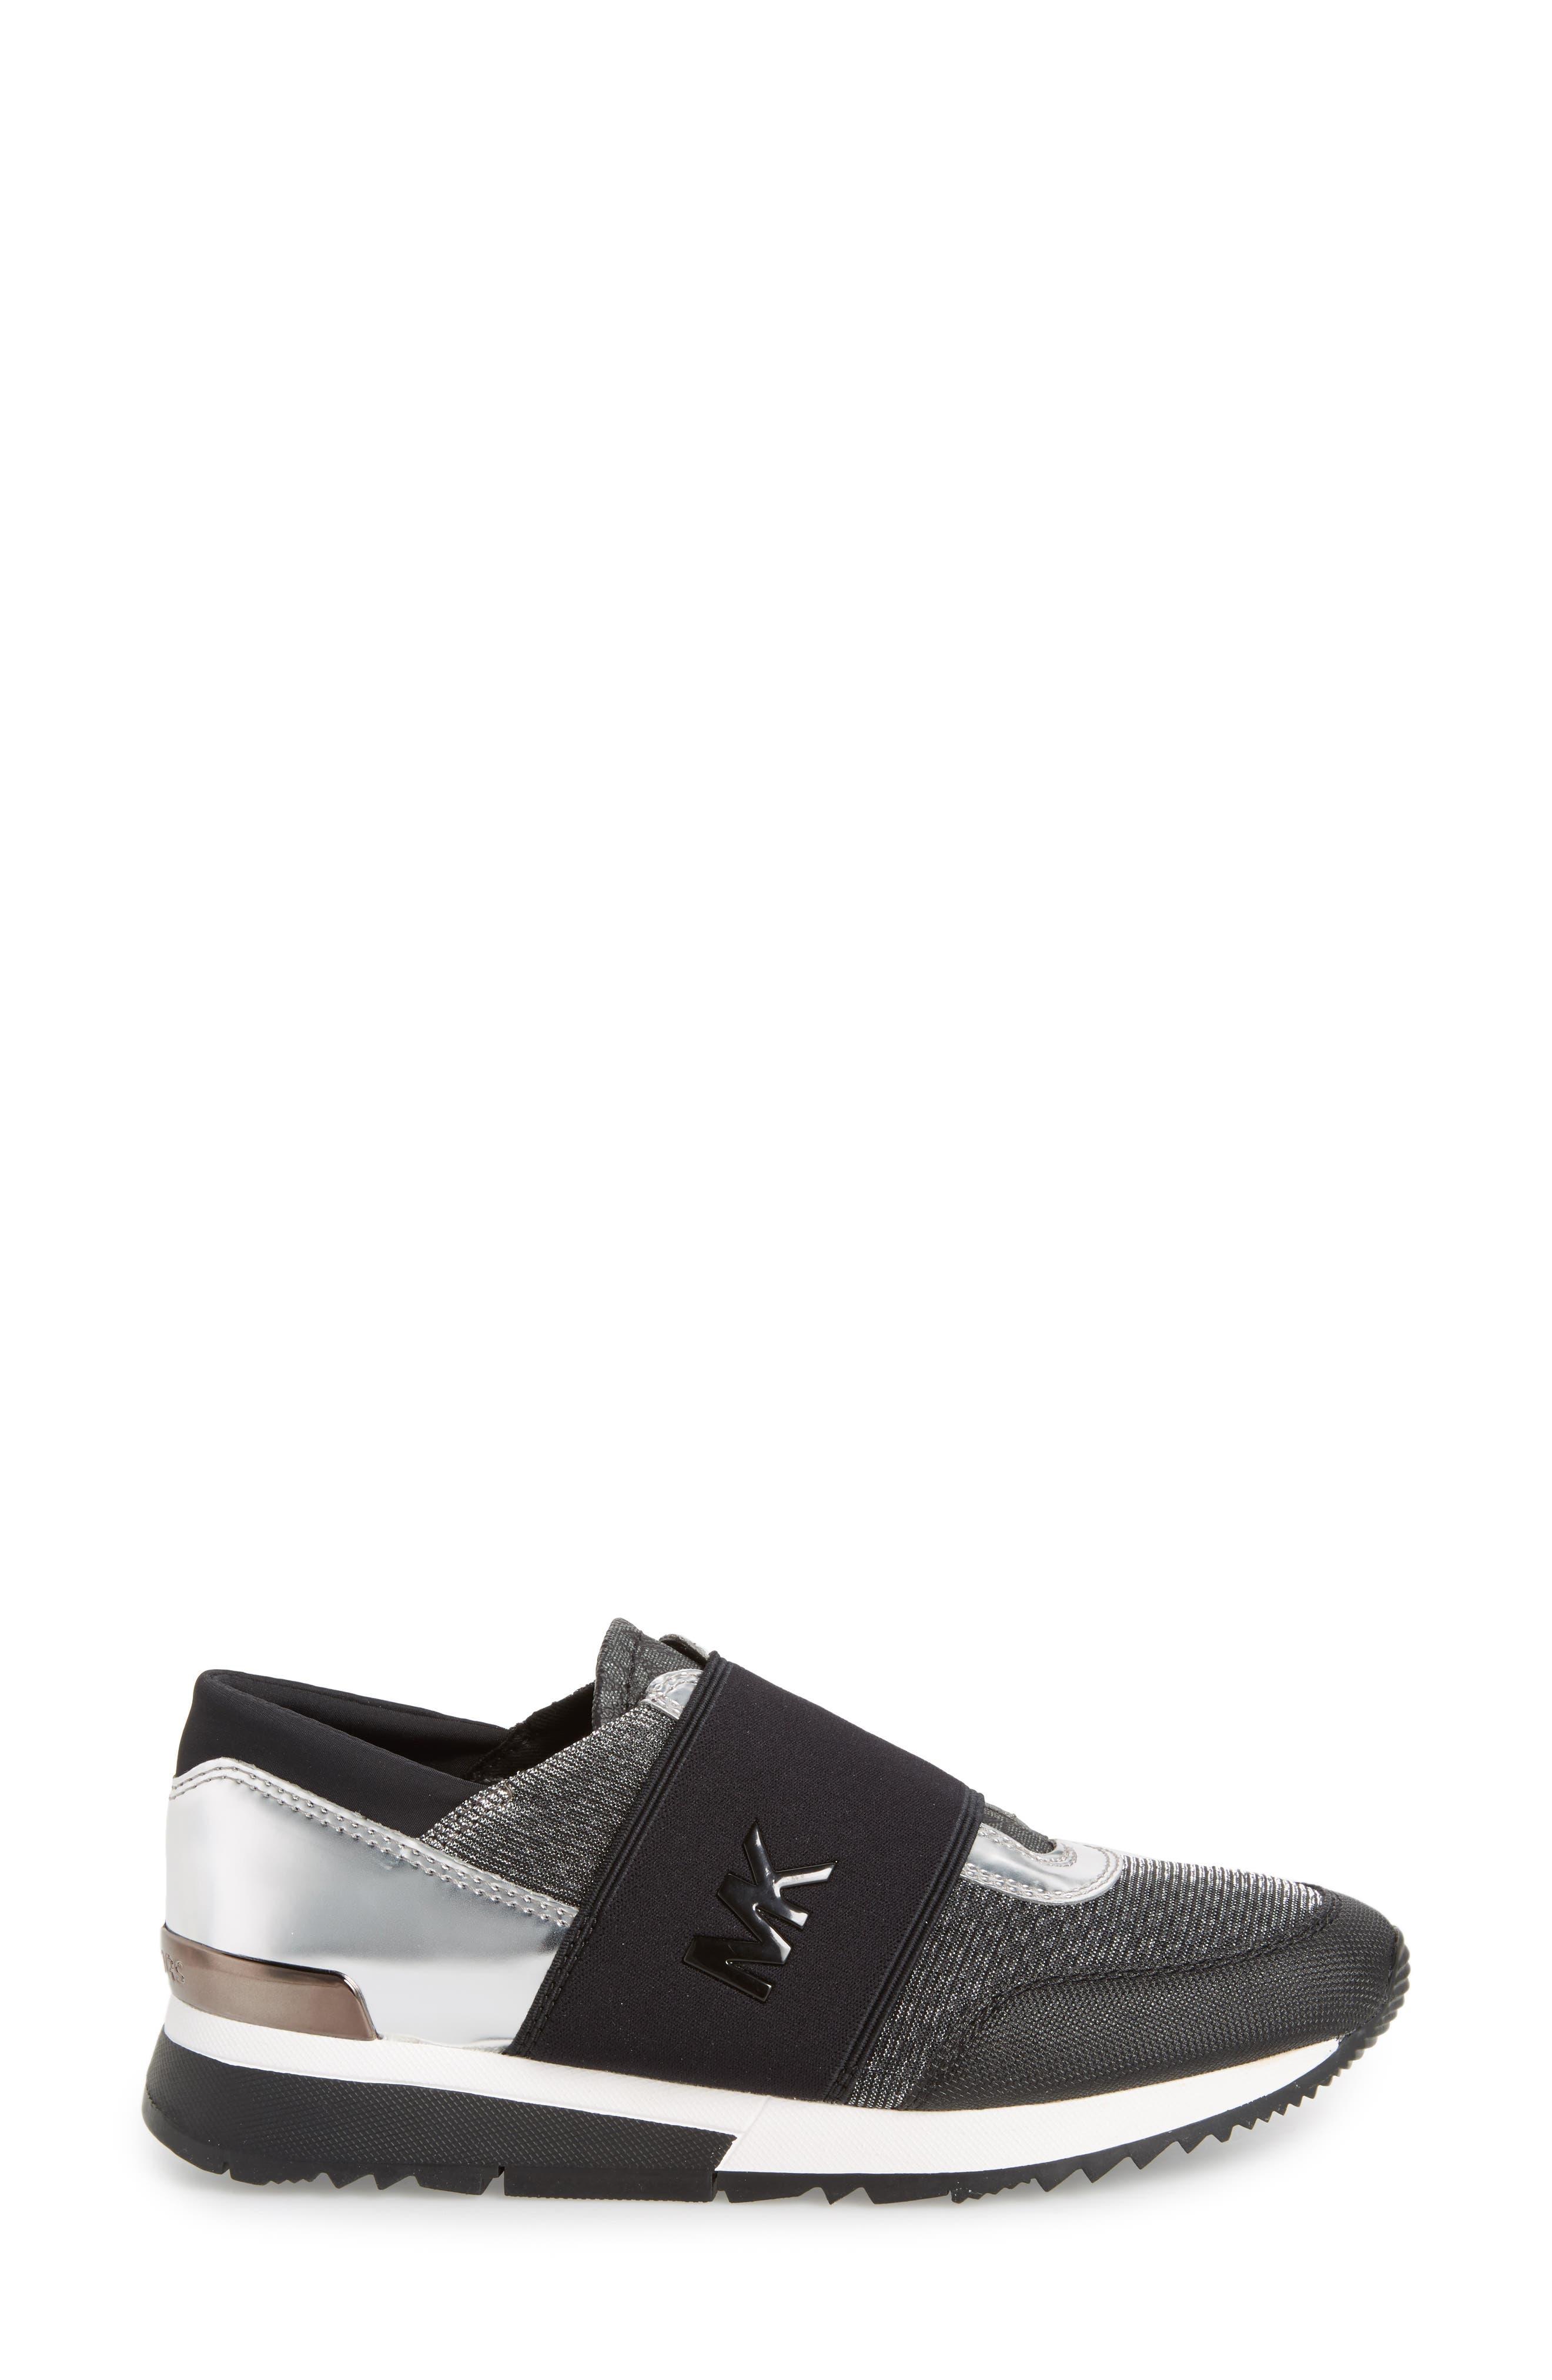 Alternate Image 3  - MICHAEL Michael Kors Slip-On Sneaker (Women)